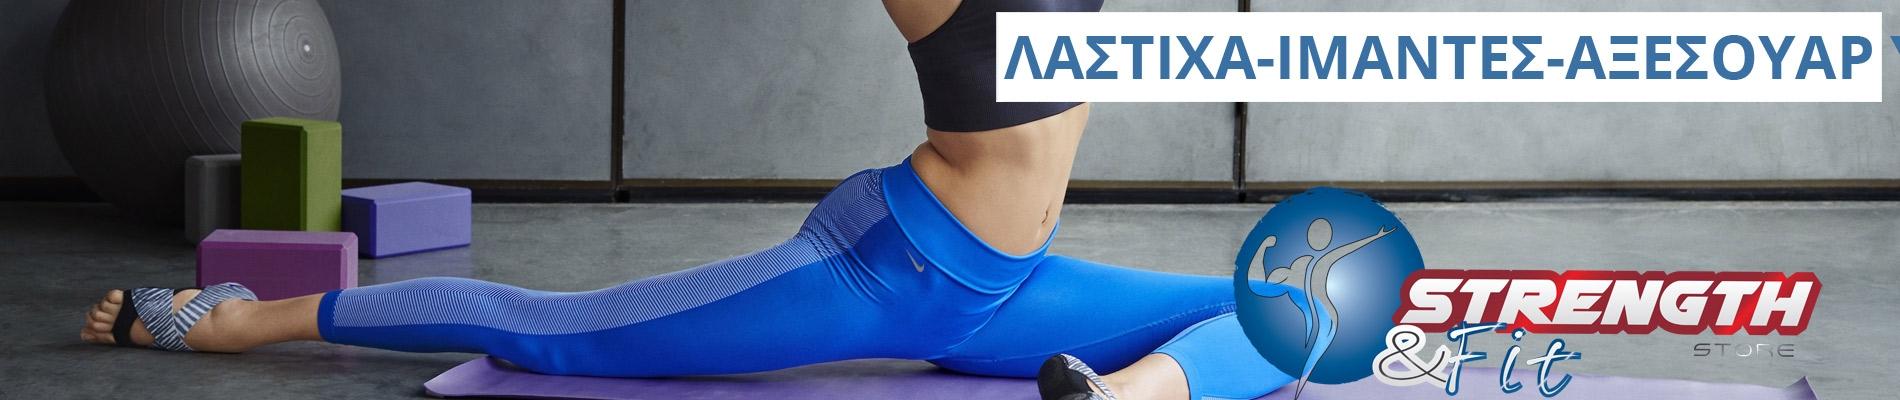 Λάστιχα Ασκήσεων - Ιμάντες & Αξεσουάρ Yoga